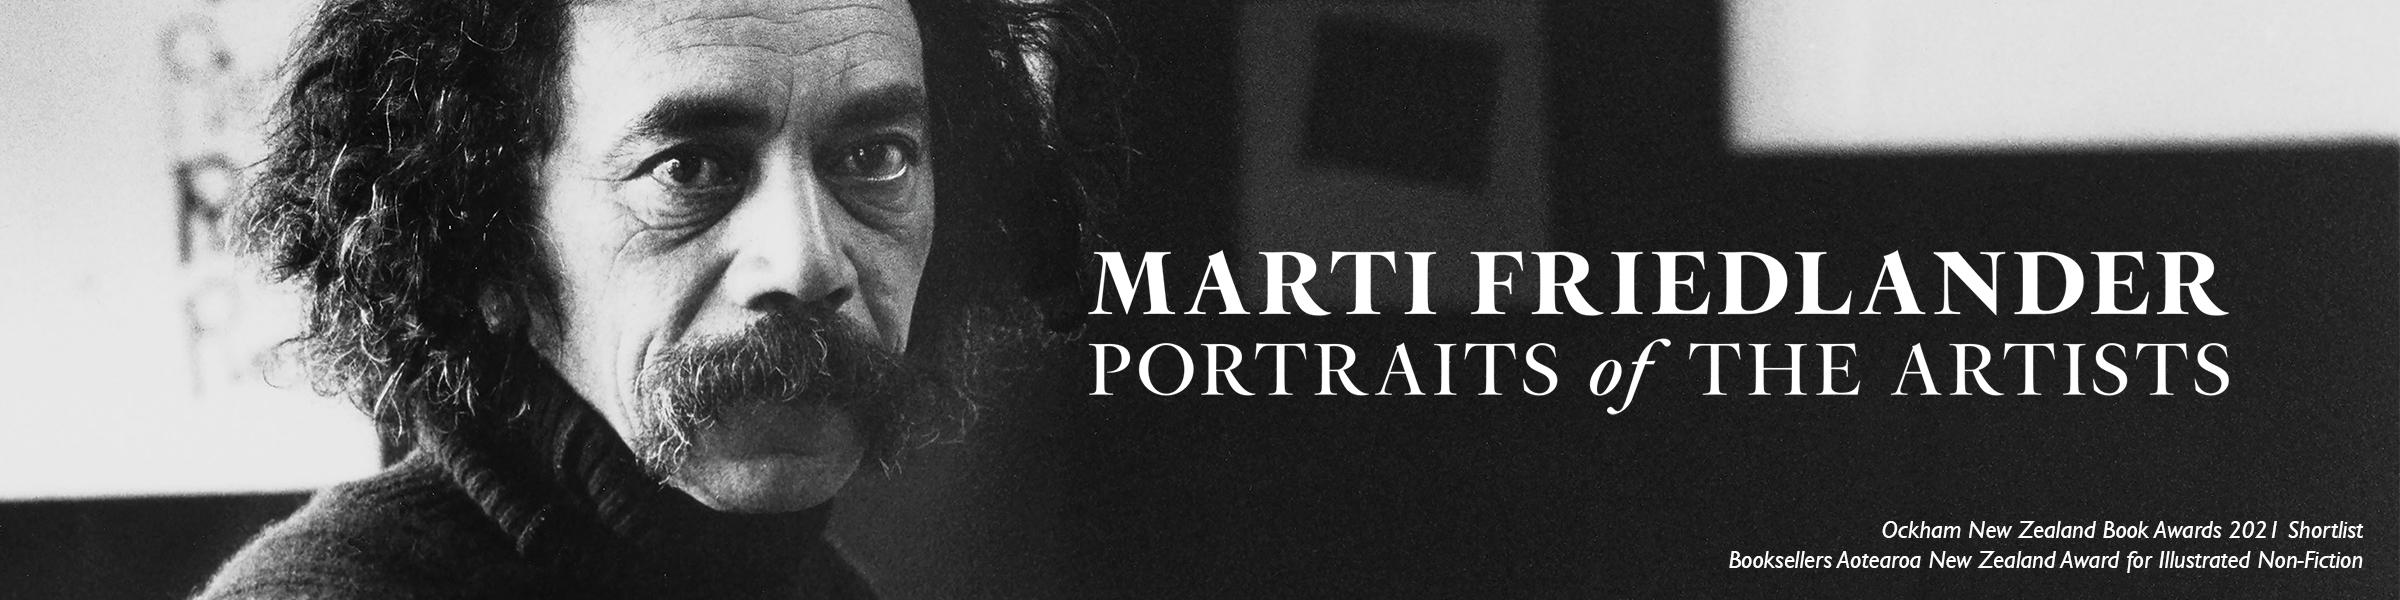 Marti Friedlander